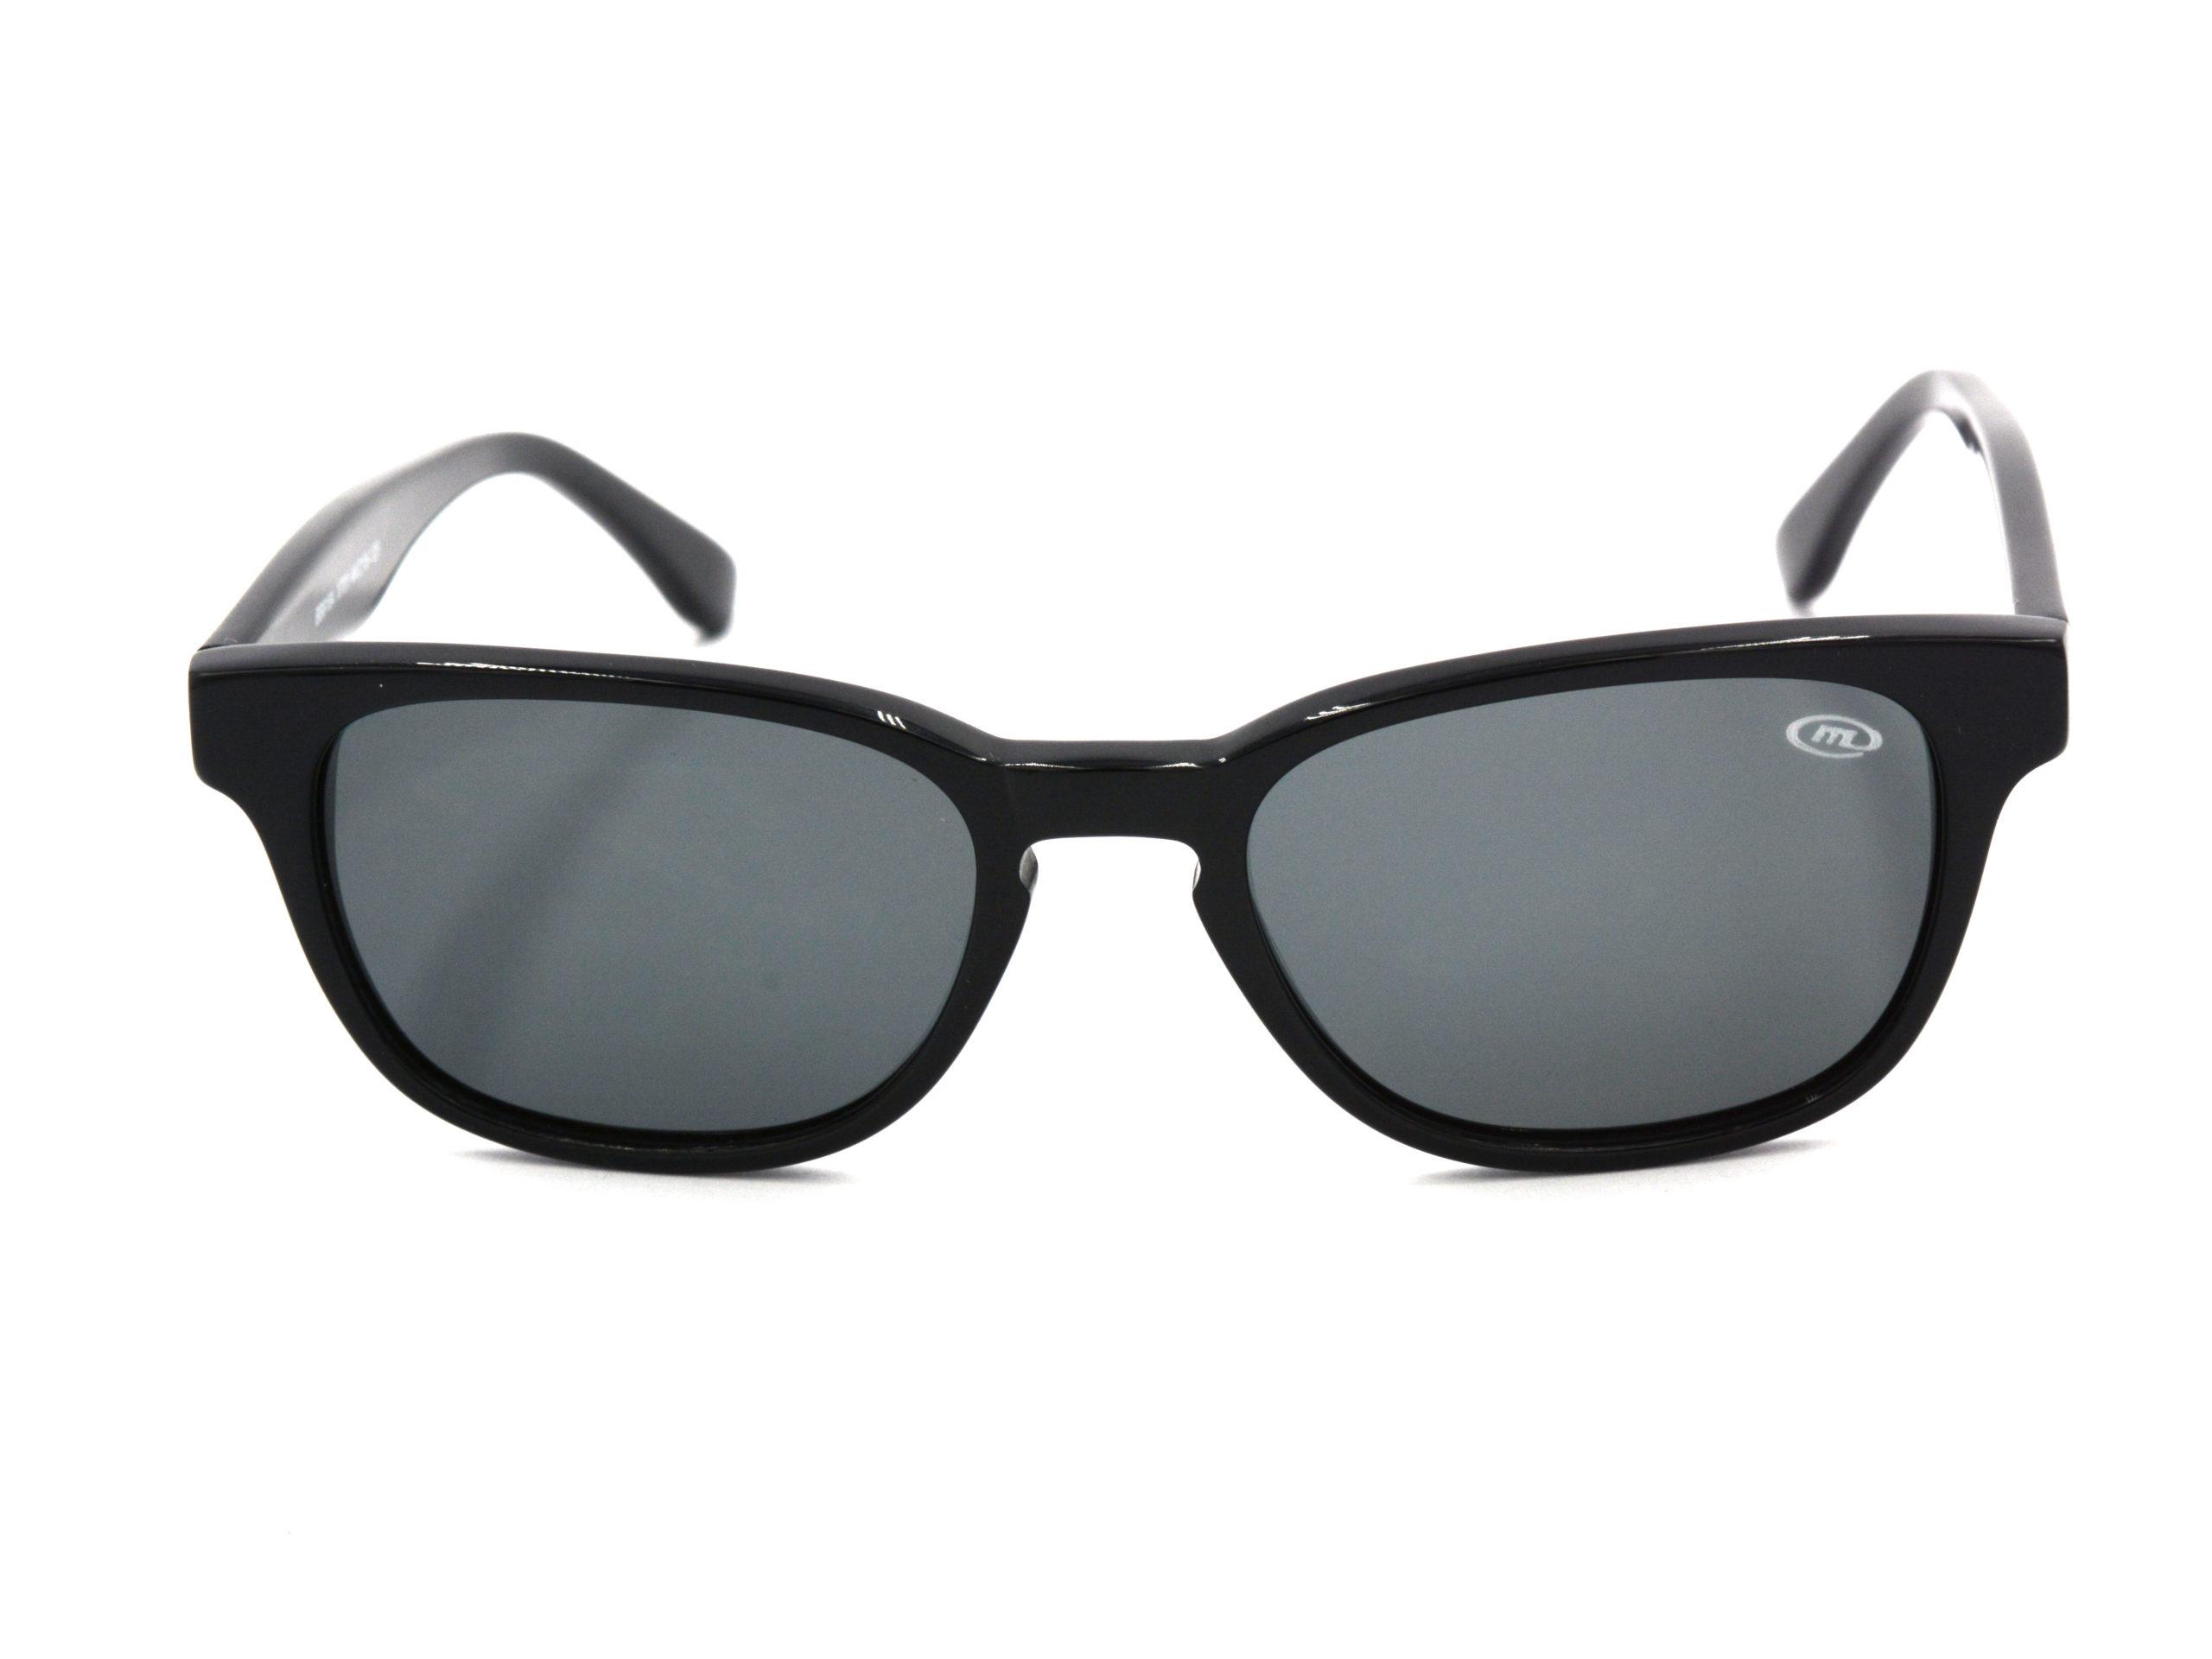 Γυαλιά ηλίου MORITZ BB9184 XT01 44-15-125 Πειραιάς